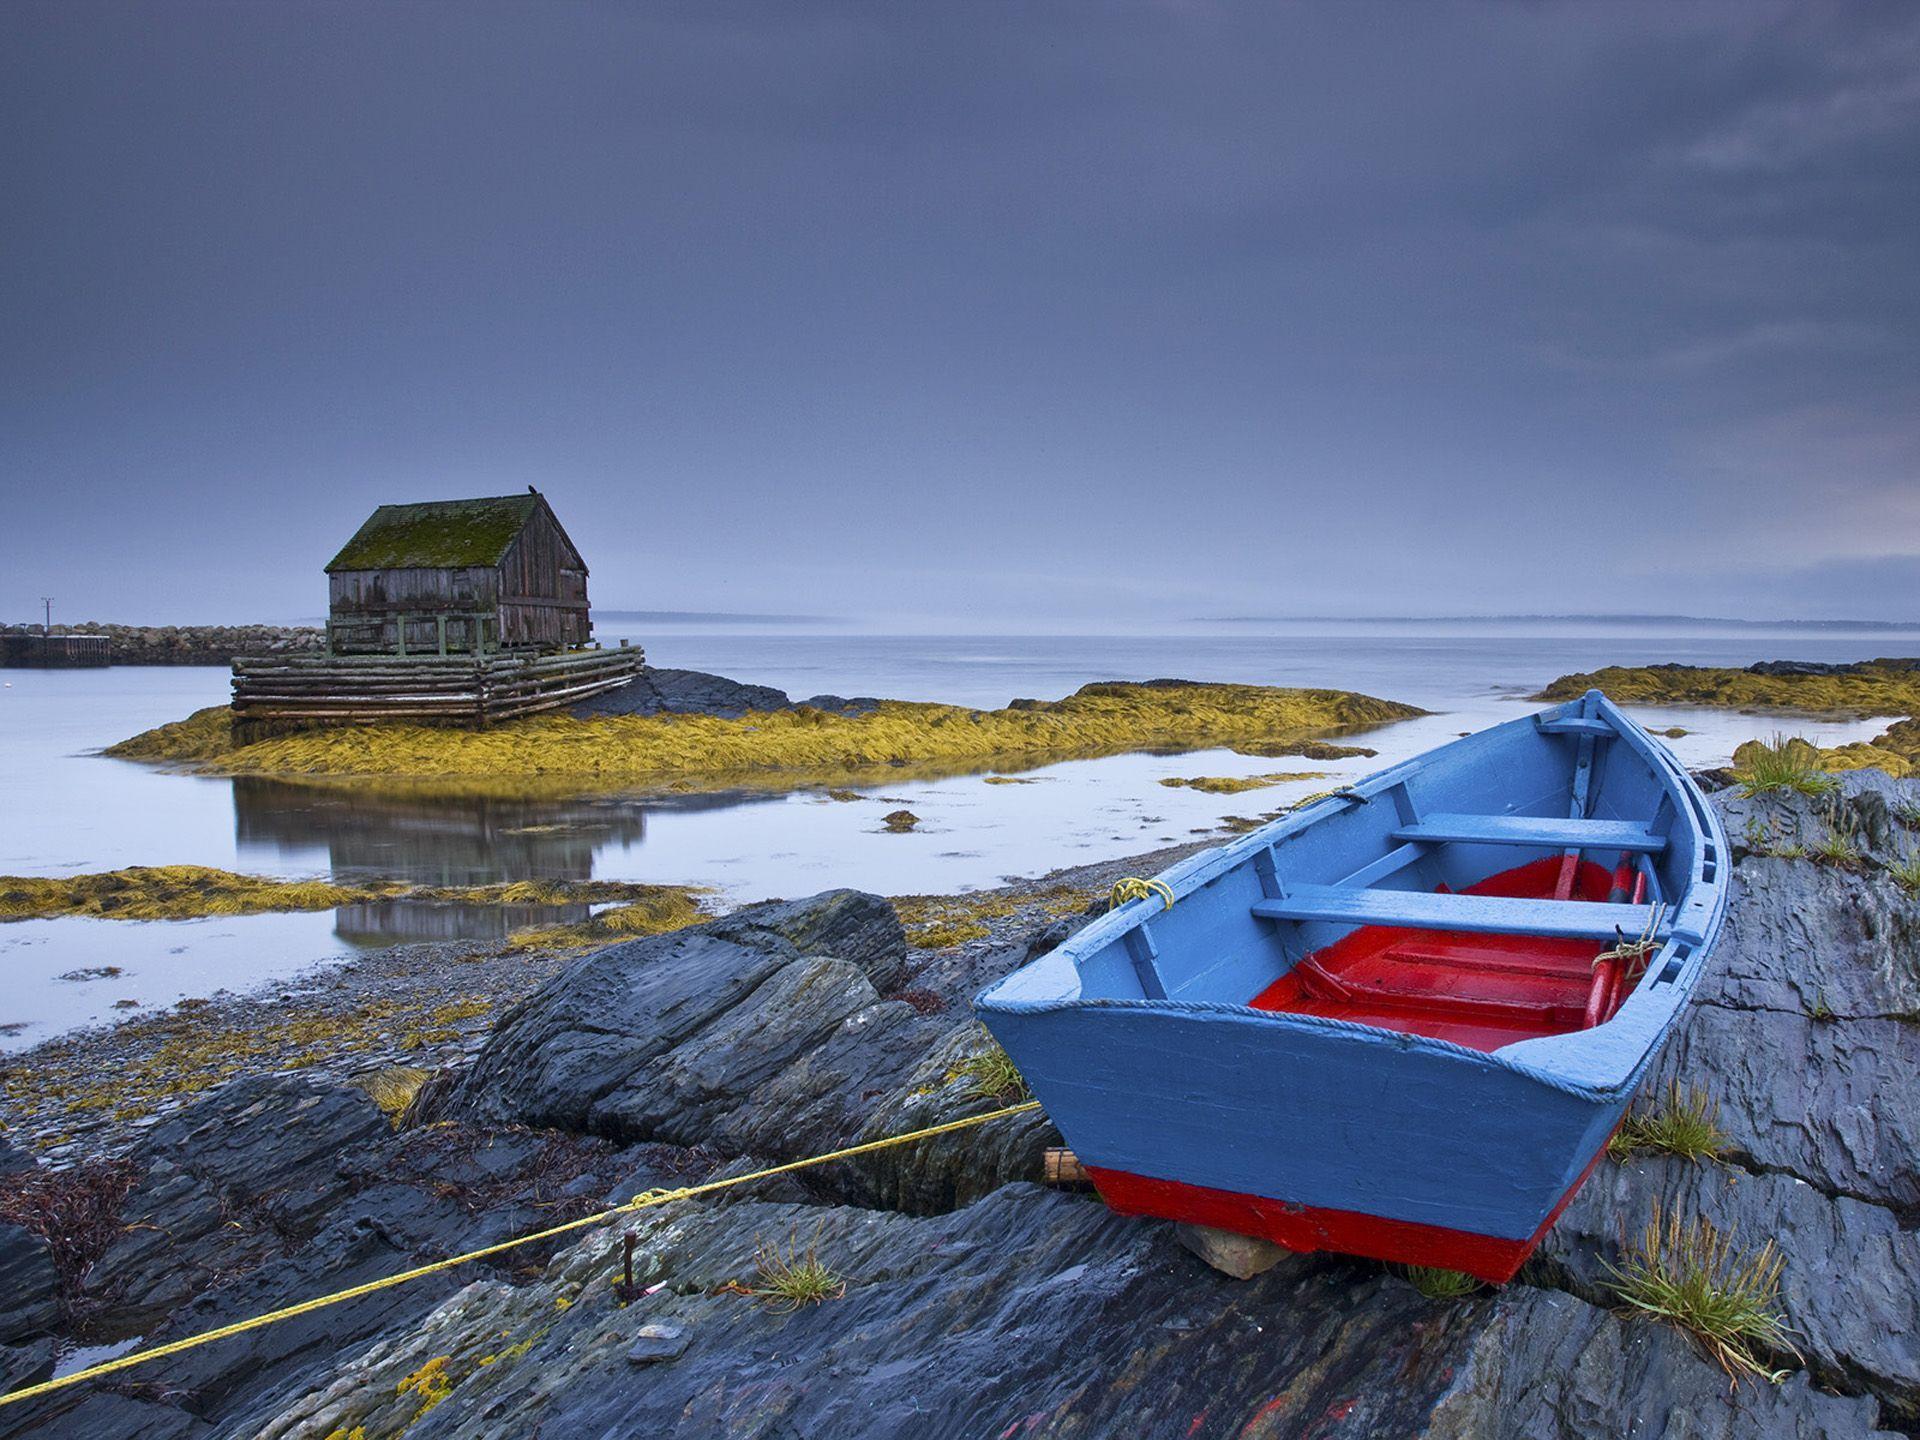 Fishing Boat Wallpaper Hd Nova Scotia Coast Nova Scotia Canada Wallpapers Nova